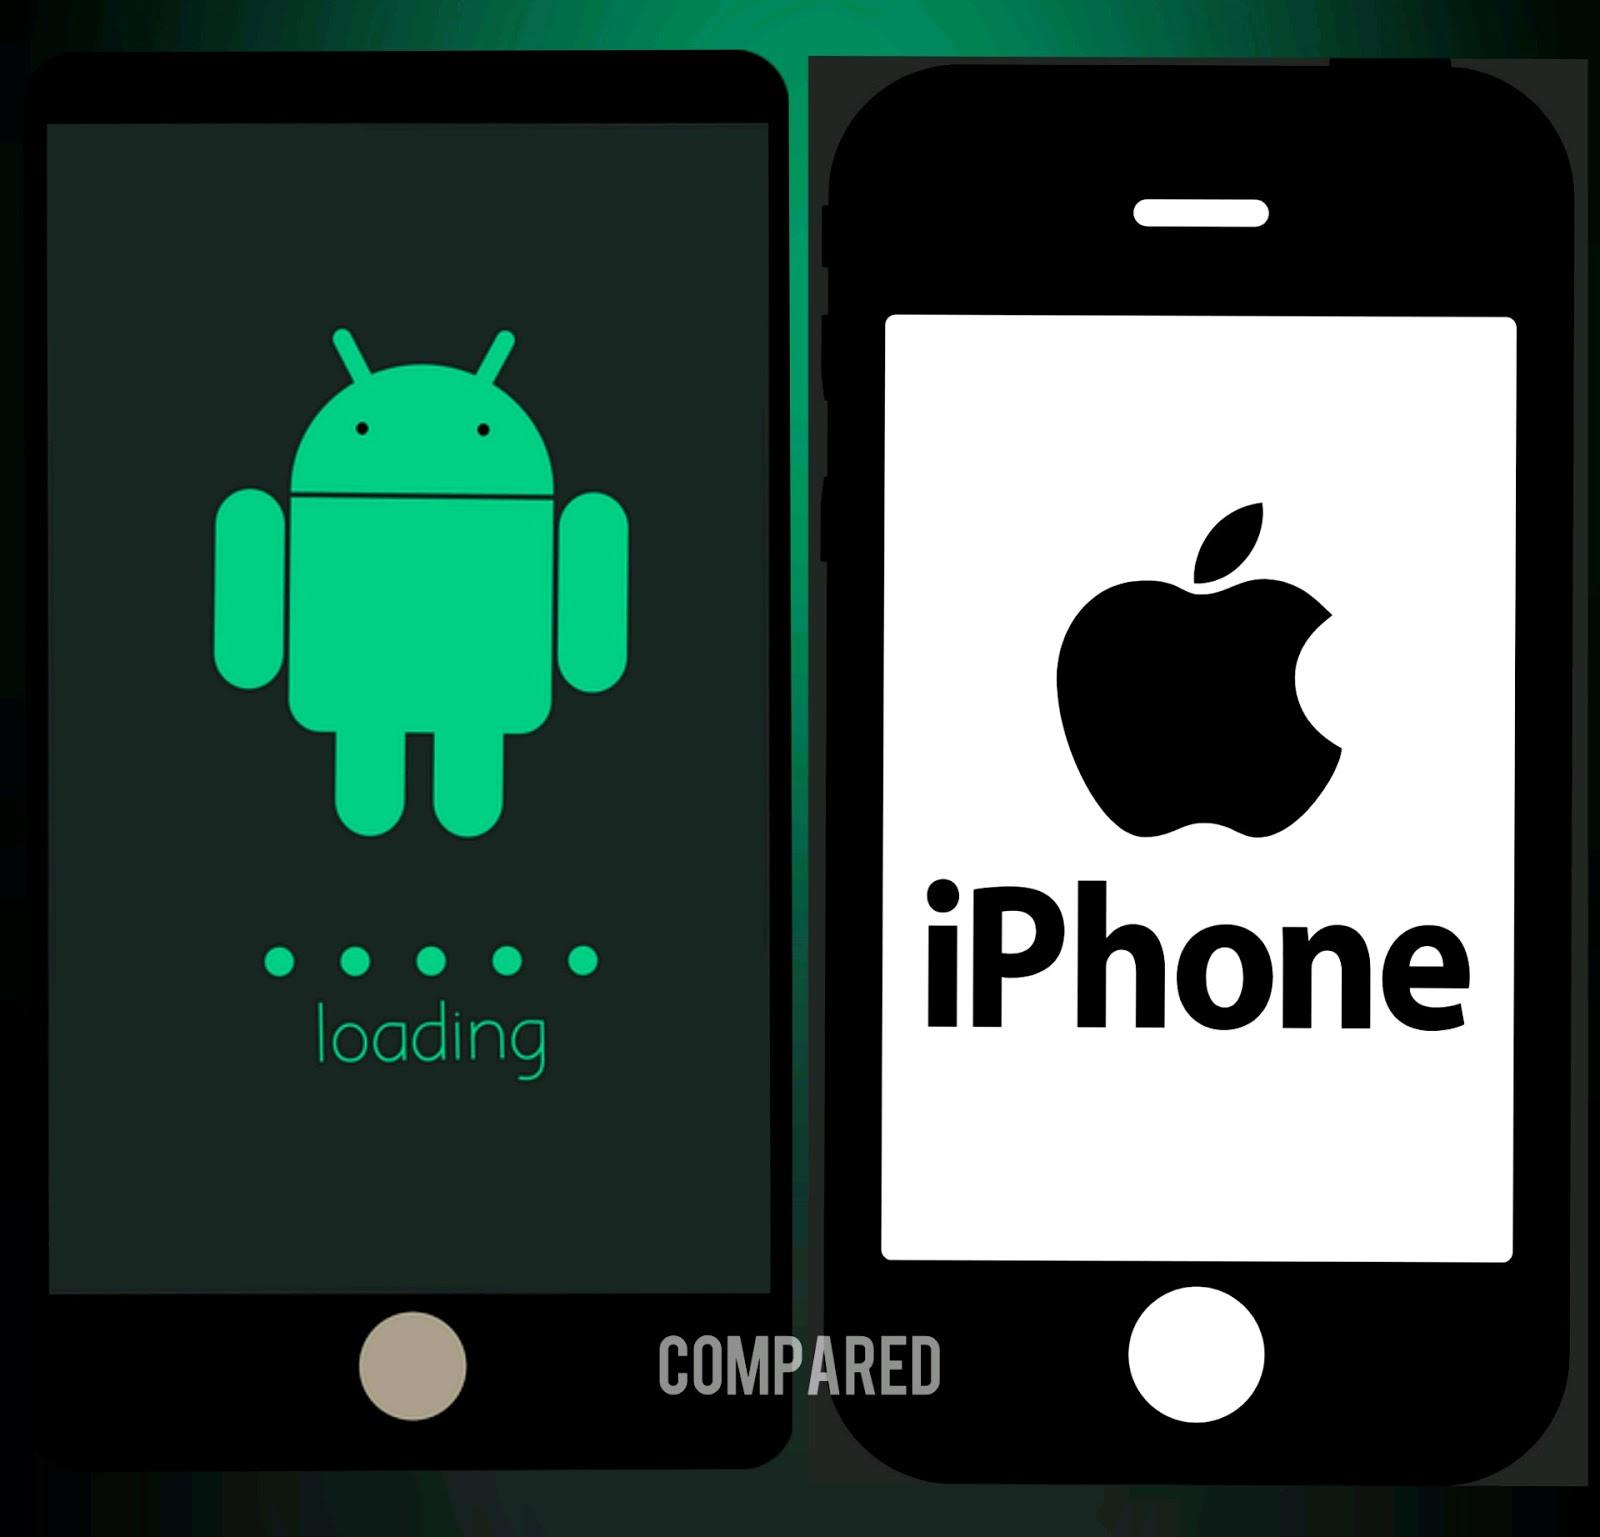 एंड्राइड फोन और आईफोन में क्या अंतर है - समझें इन 20 बिंदुओं में   20 Differences between Android and iPhone